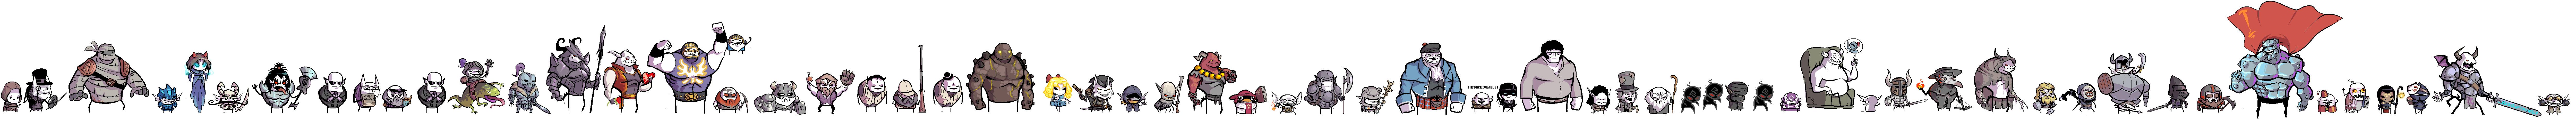 A lot of characters by ShwigityShwonShwei